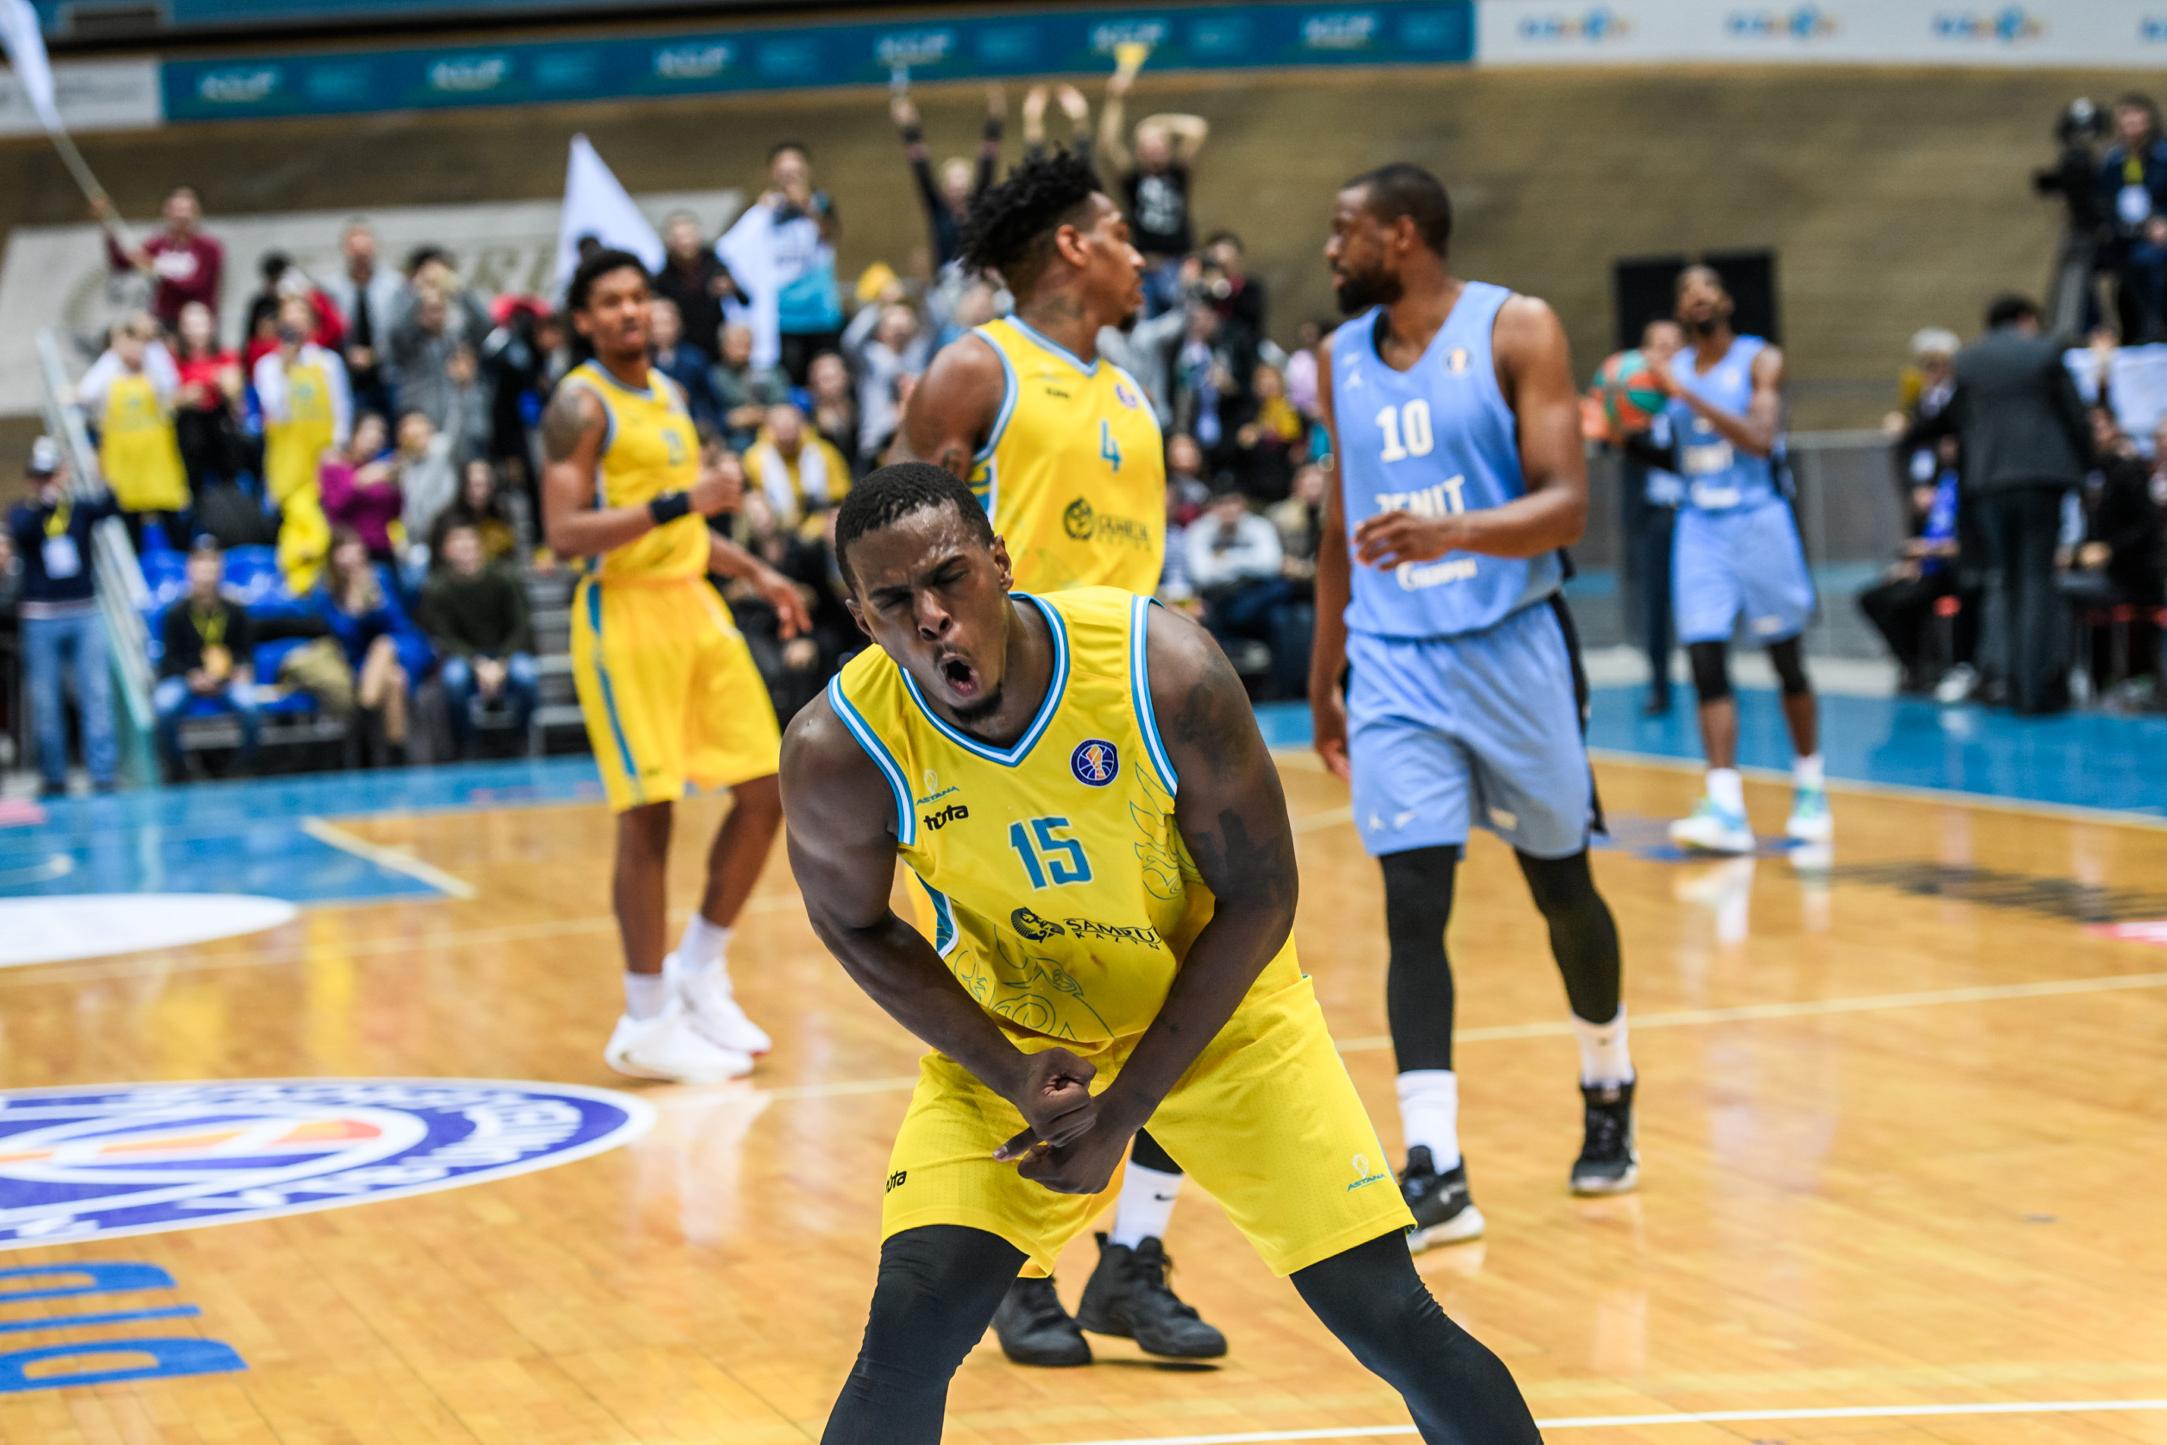 04/11/2019 Astana-Zenit 109:108